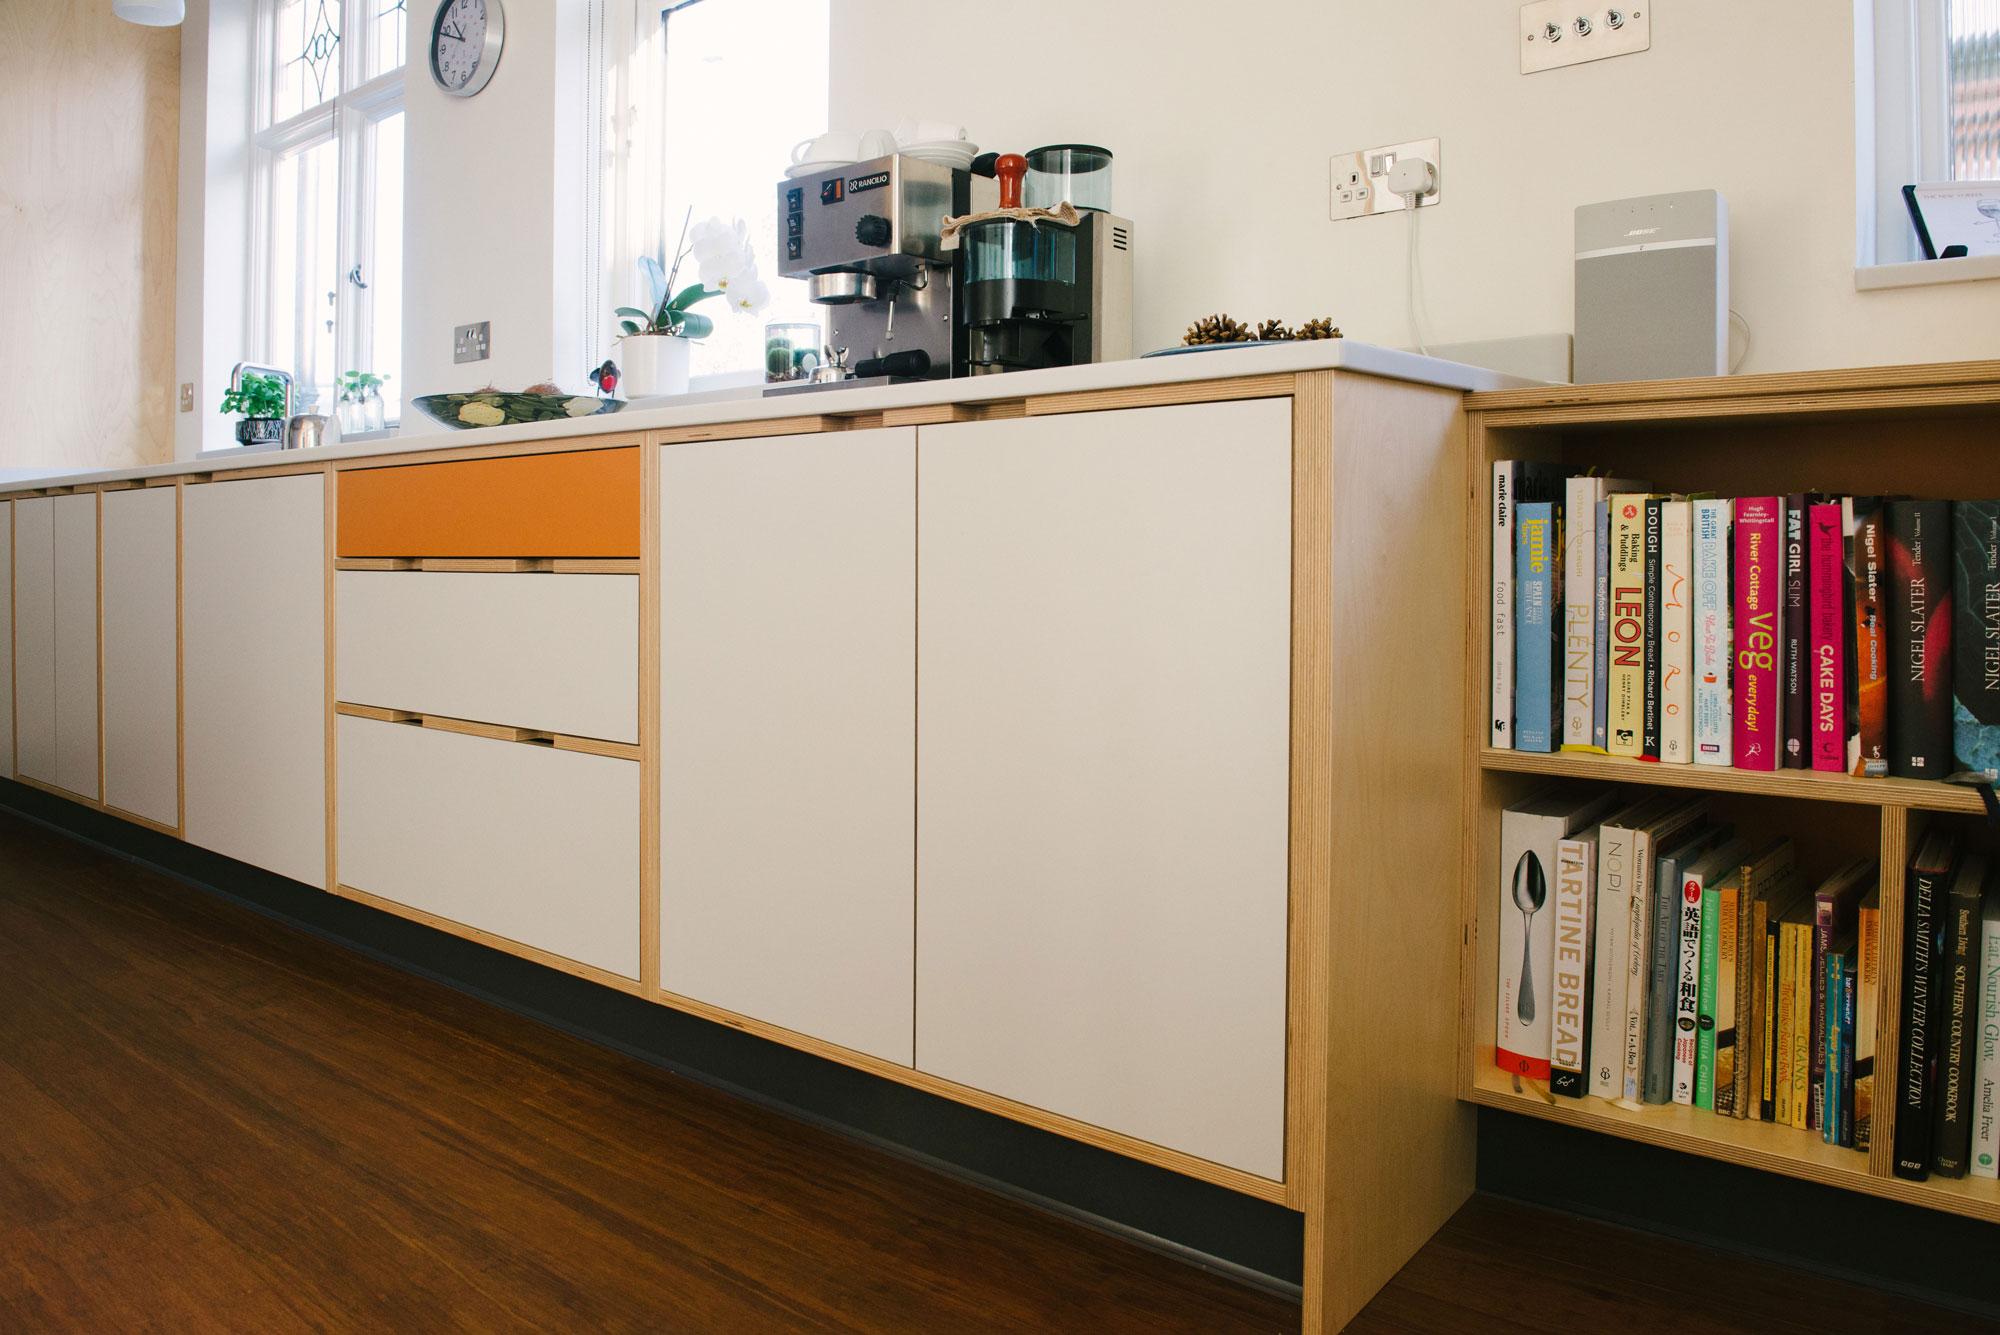 Base Units of Orange and White Laminated Plywood Kitchen